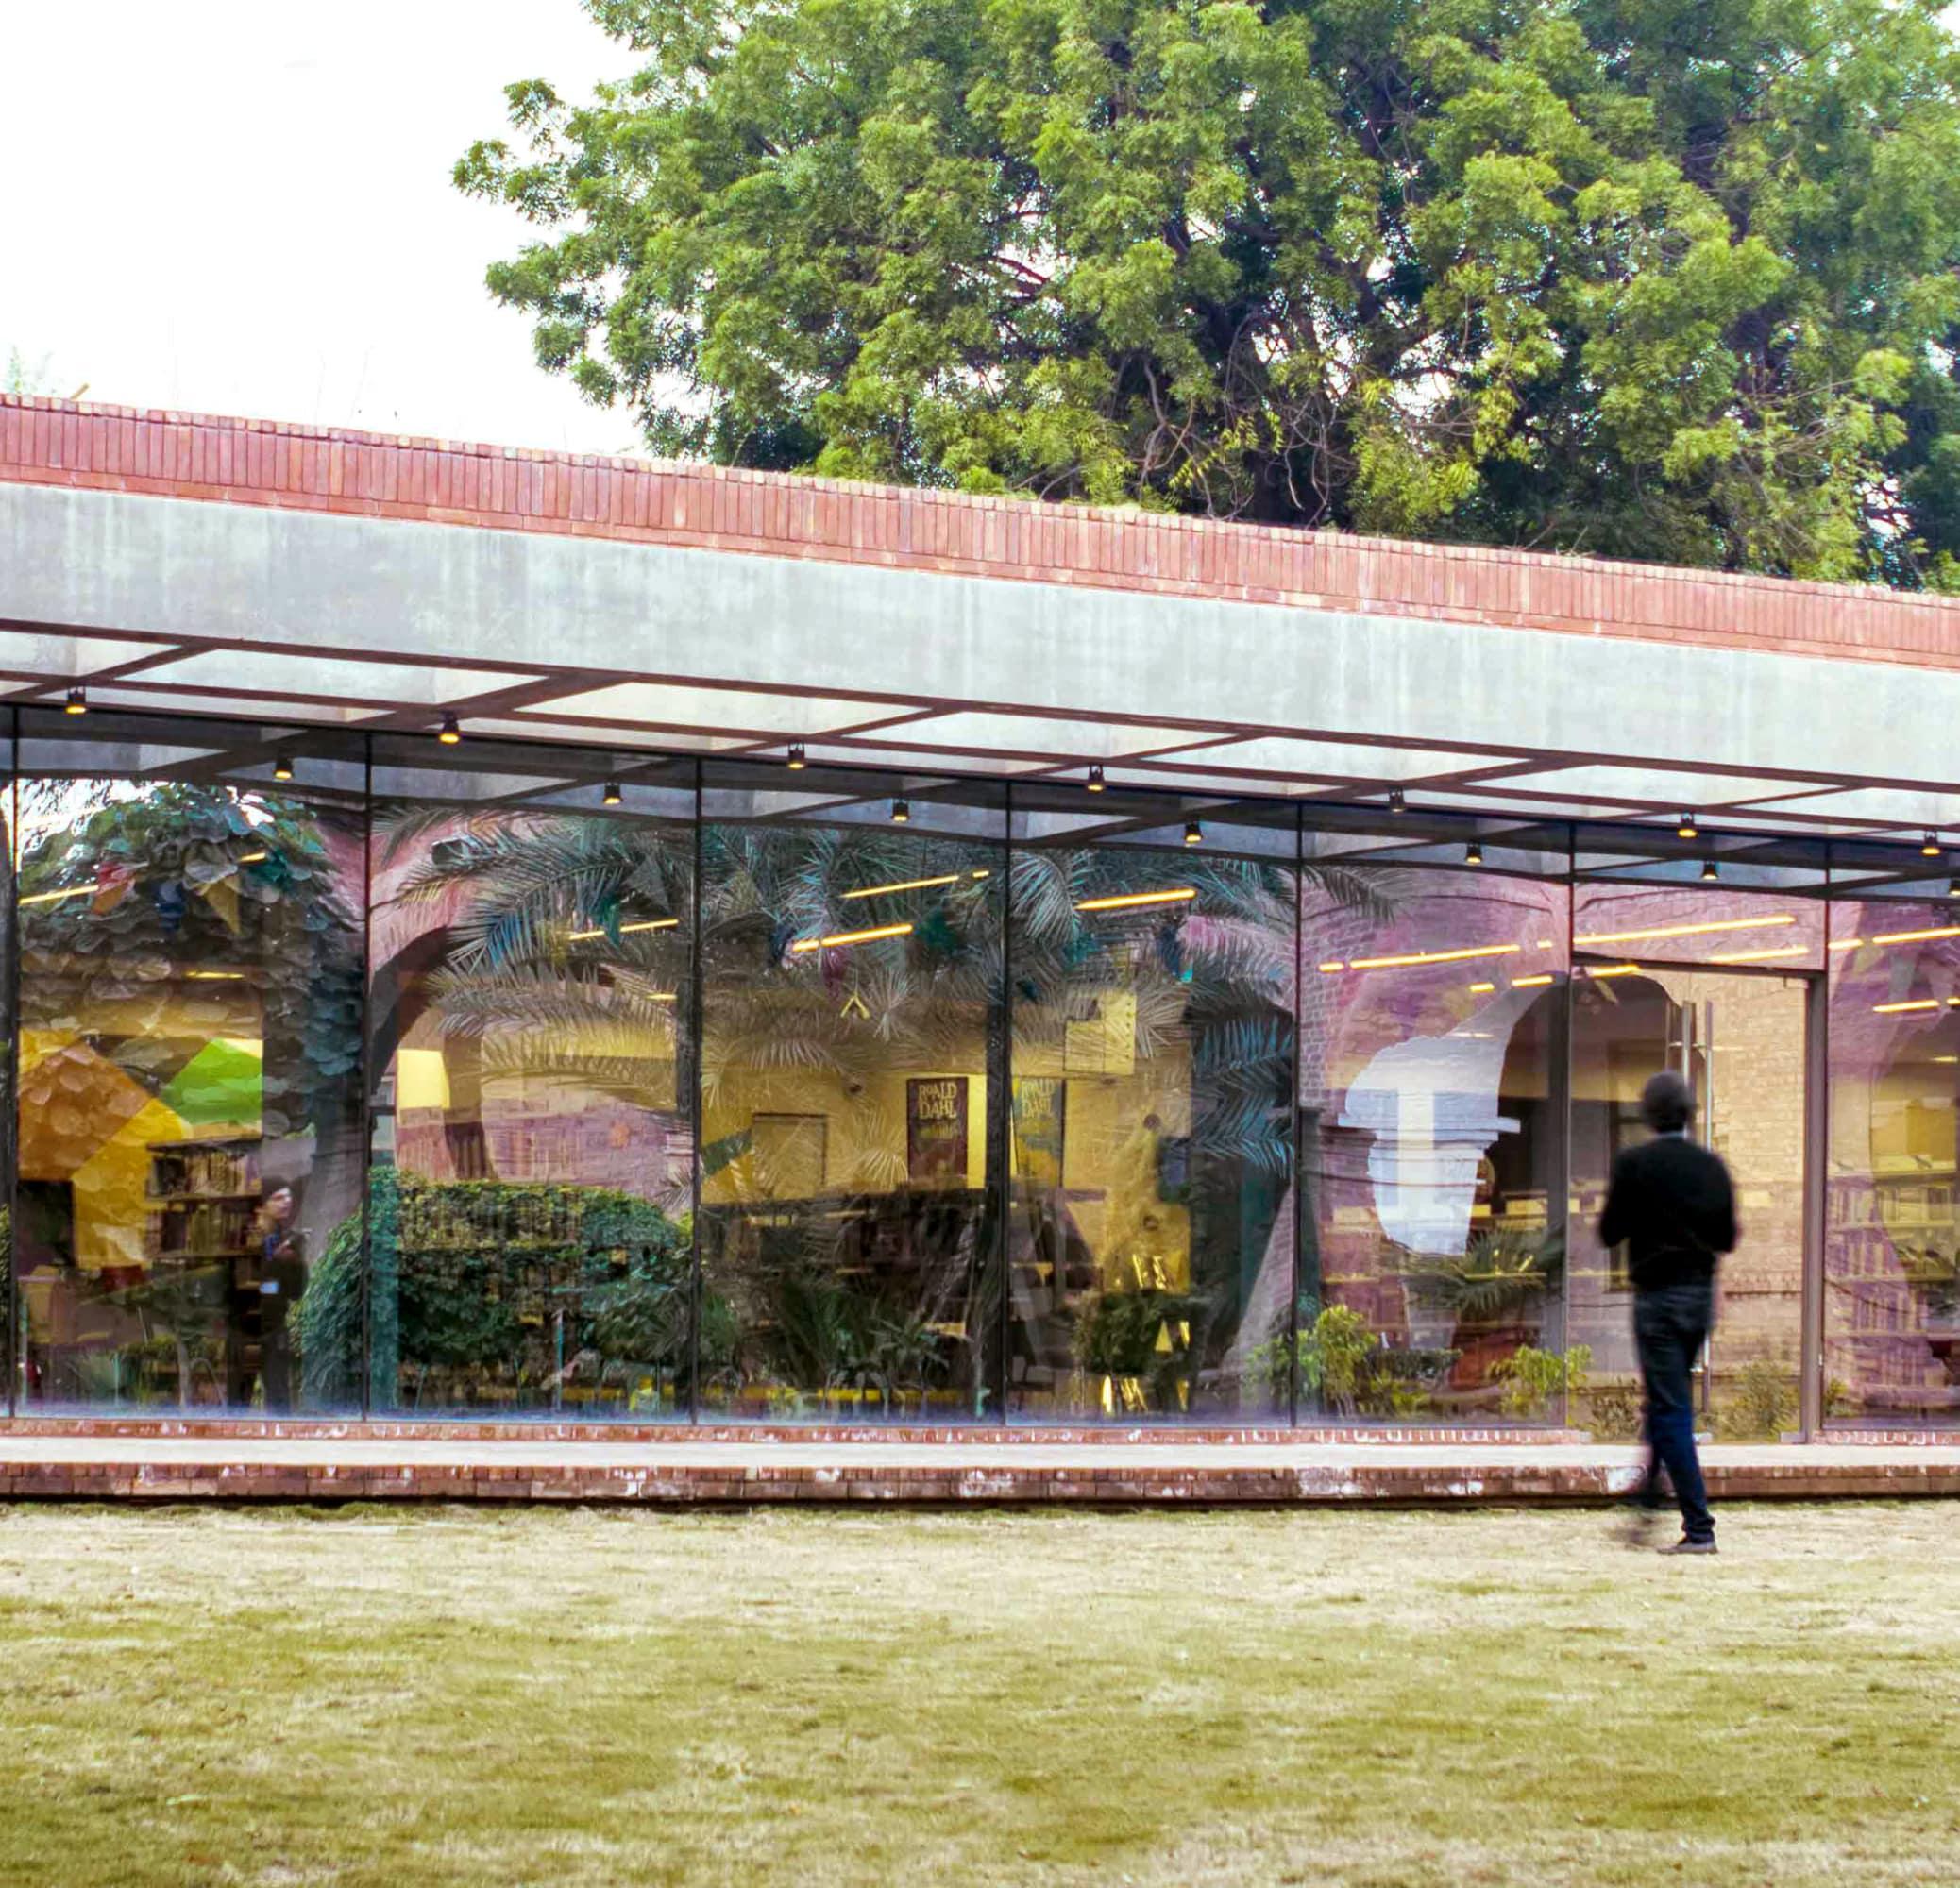 Raza Ali Dada · British Council Library · Divisare